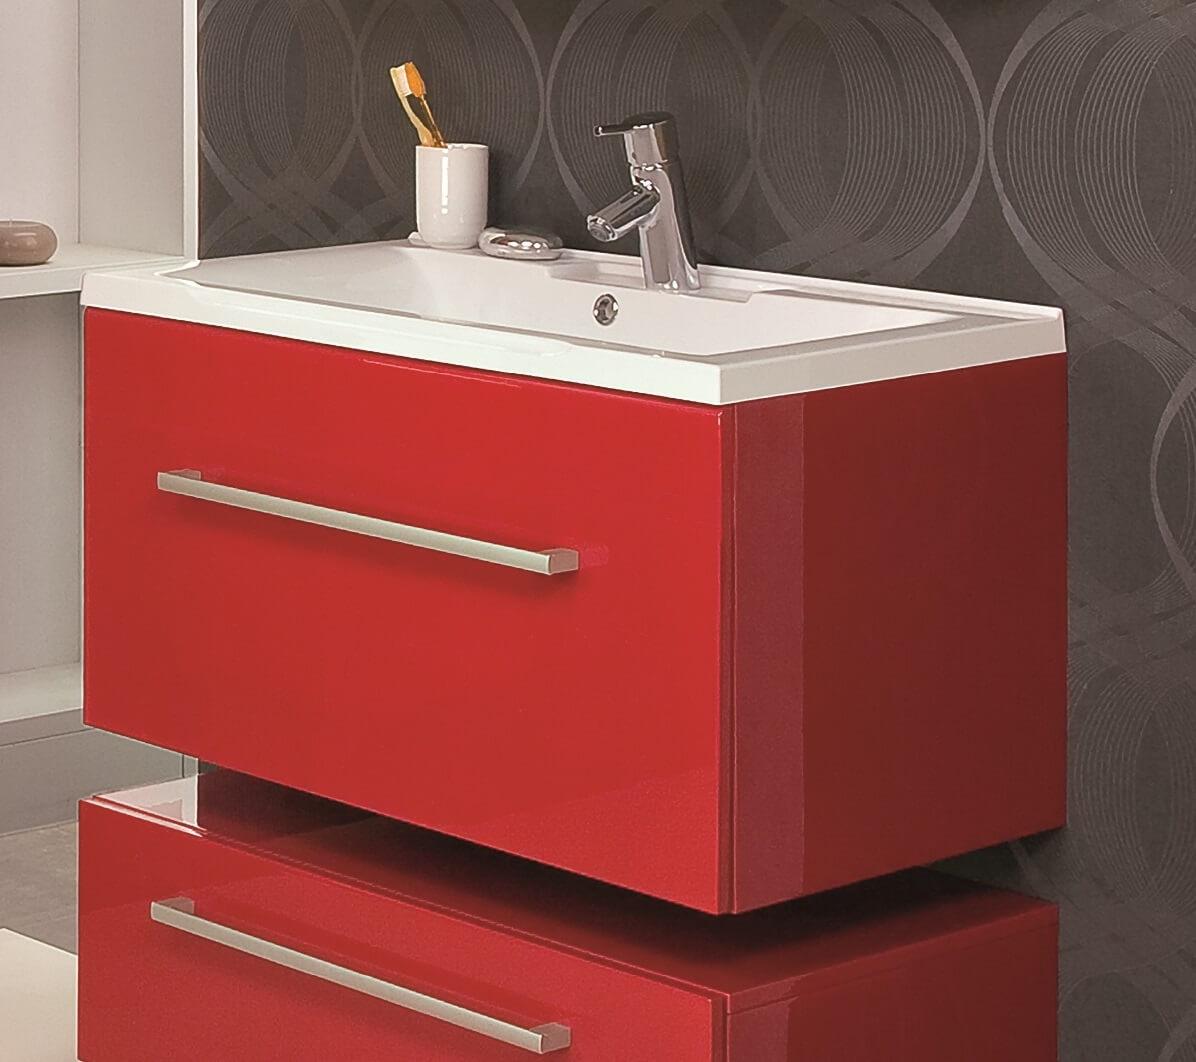 Тумба с раковиной в ванную красного цвета